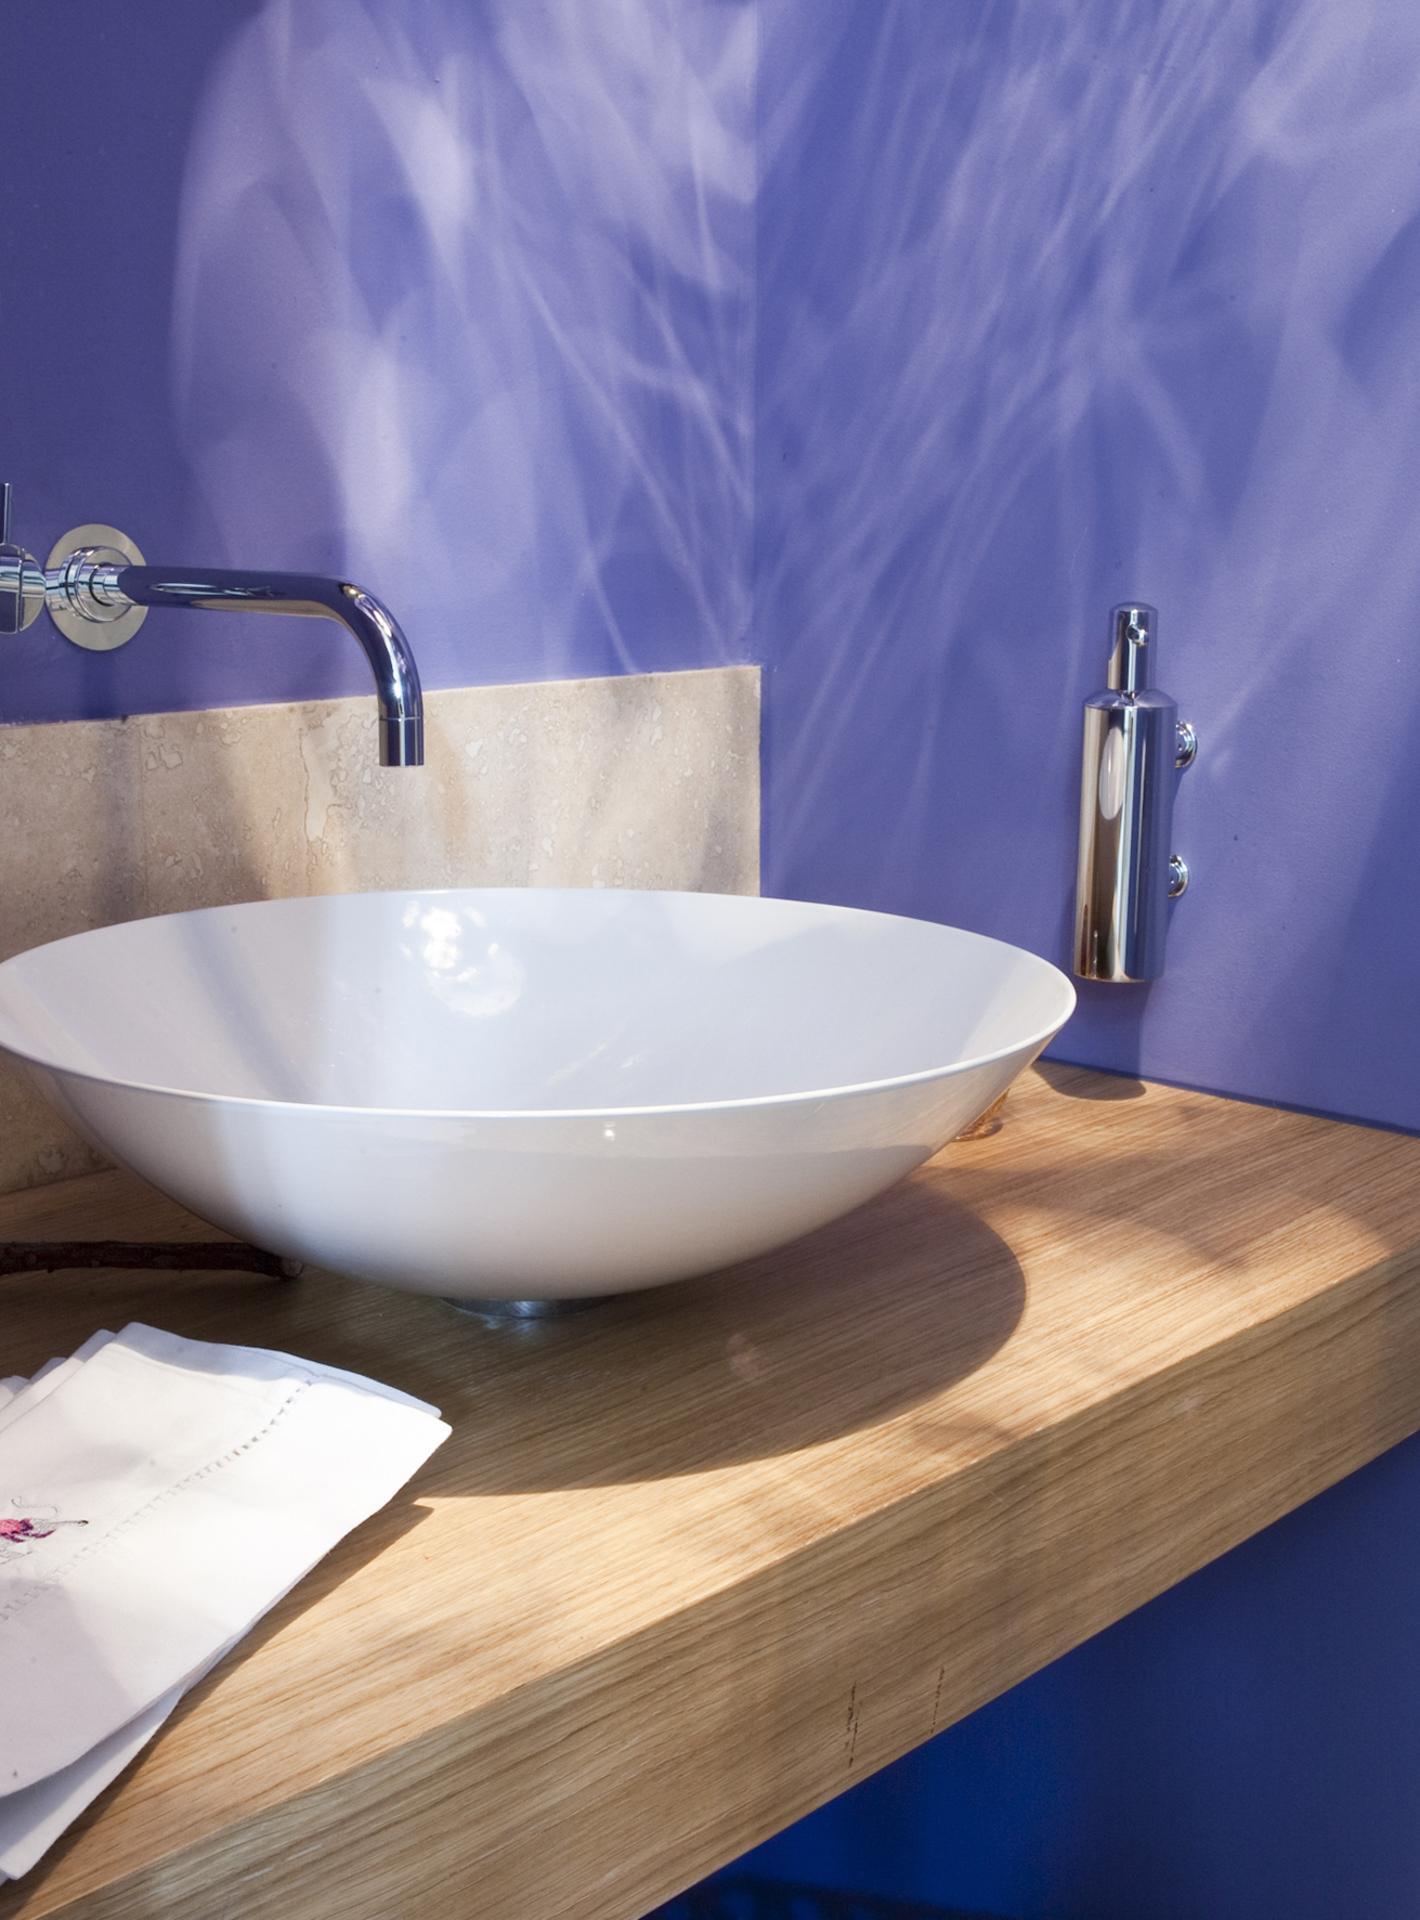 tischlerei-decker-villa-muenchen-waschbecken